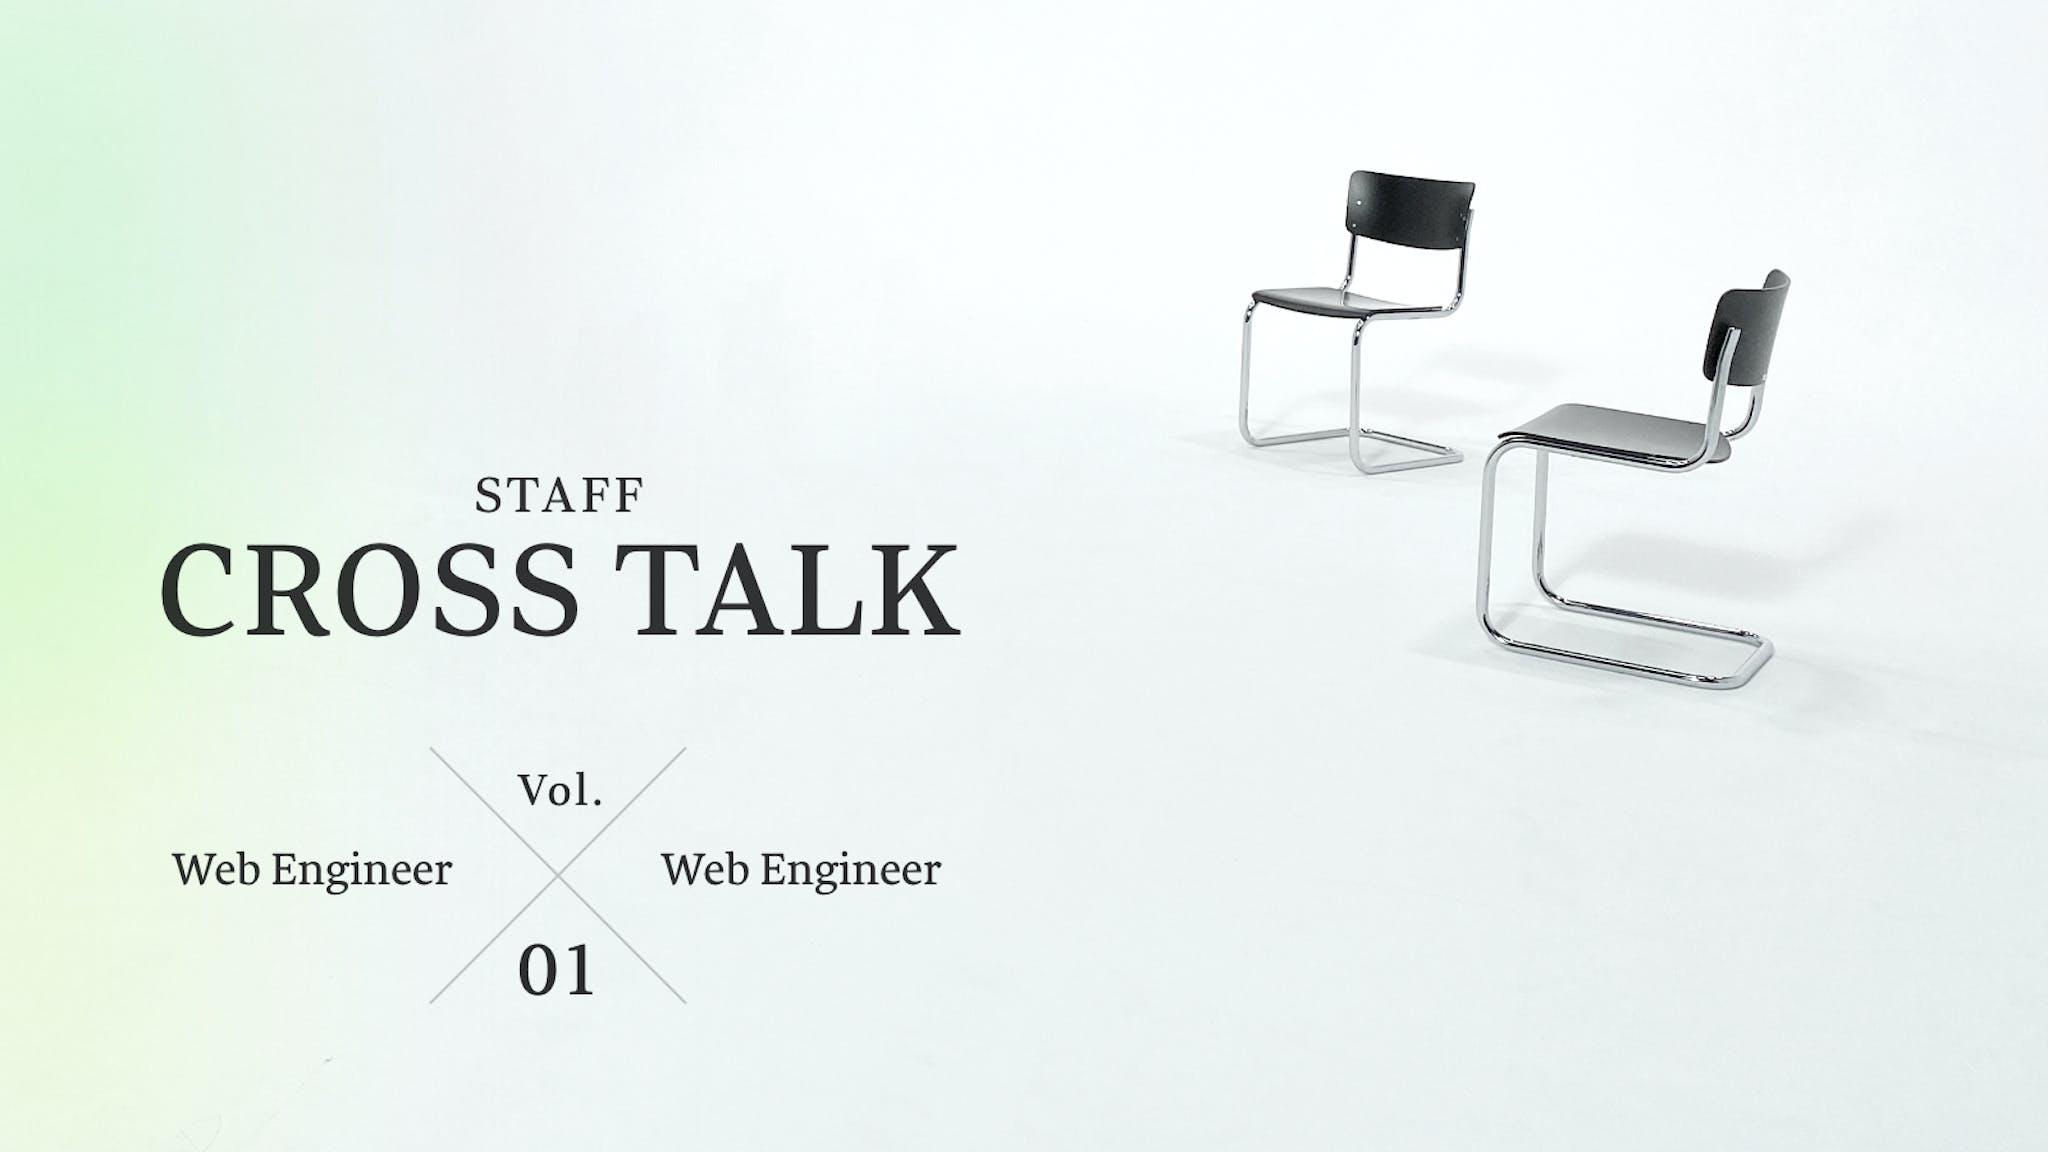 スタッフクロストーク Vol.01/Webエンジニア×Webエンジニア